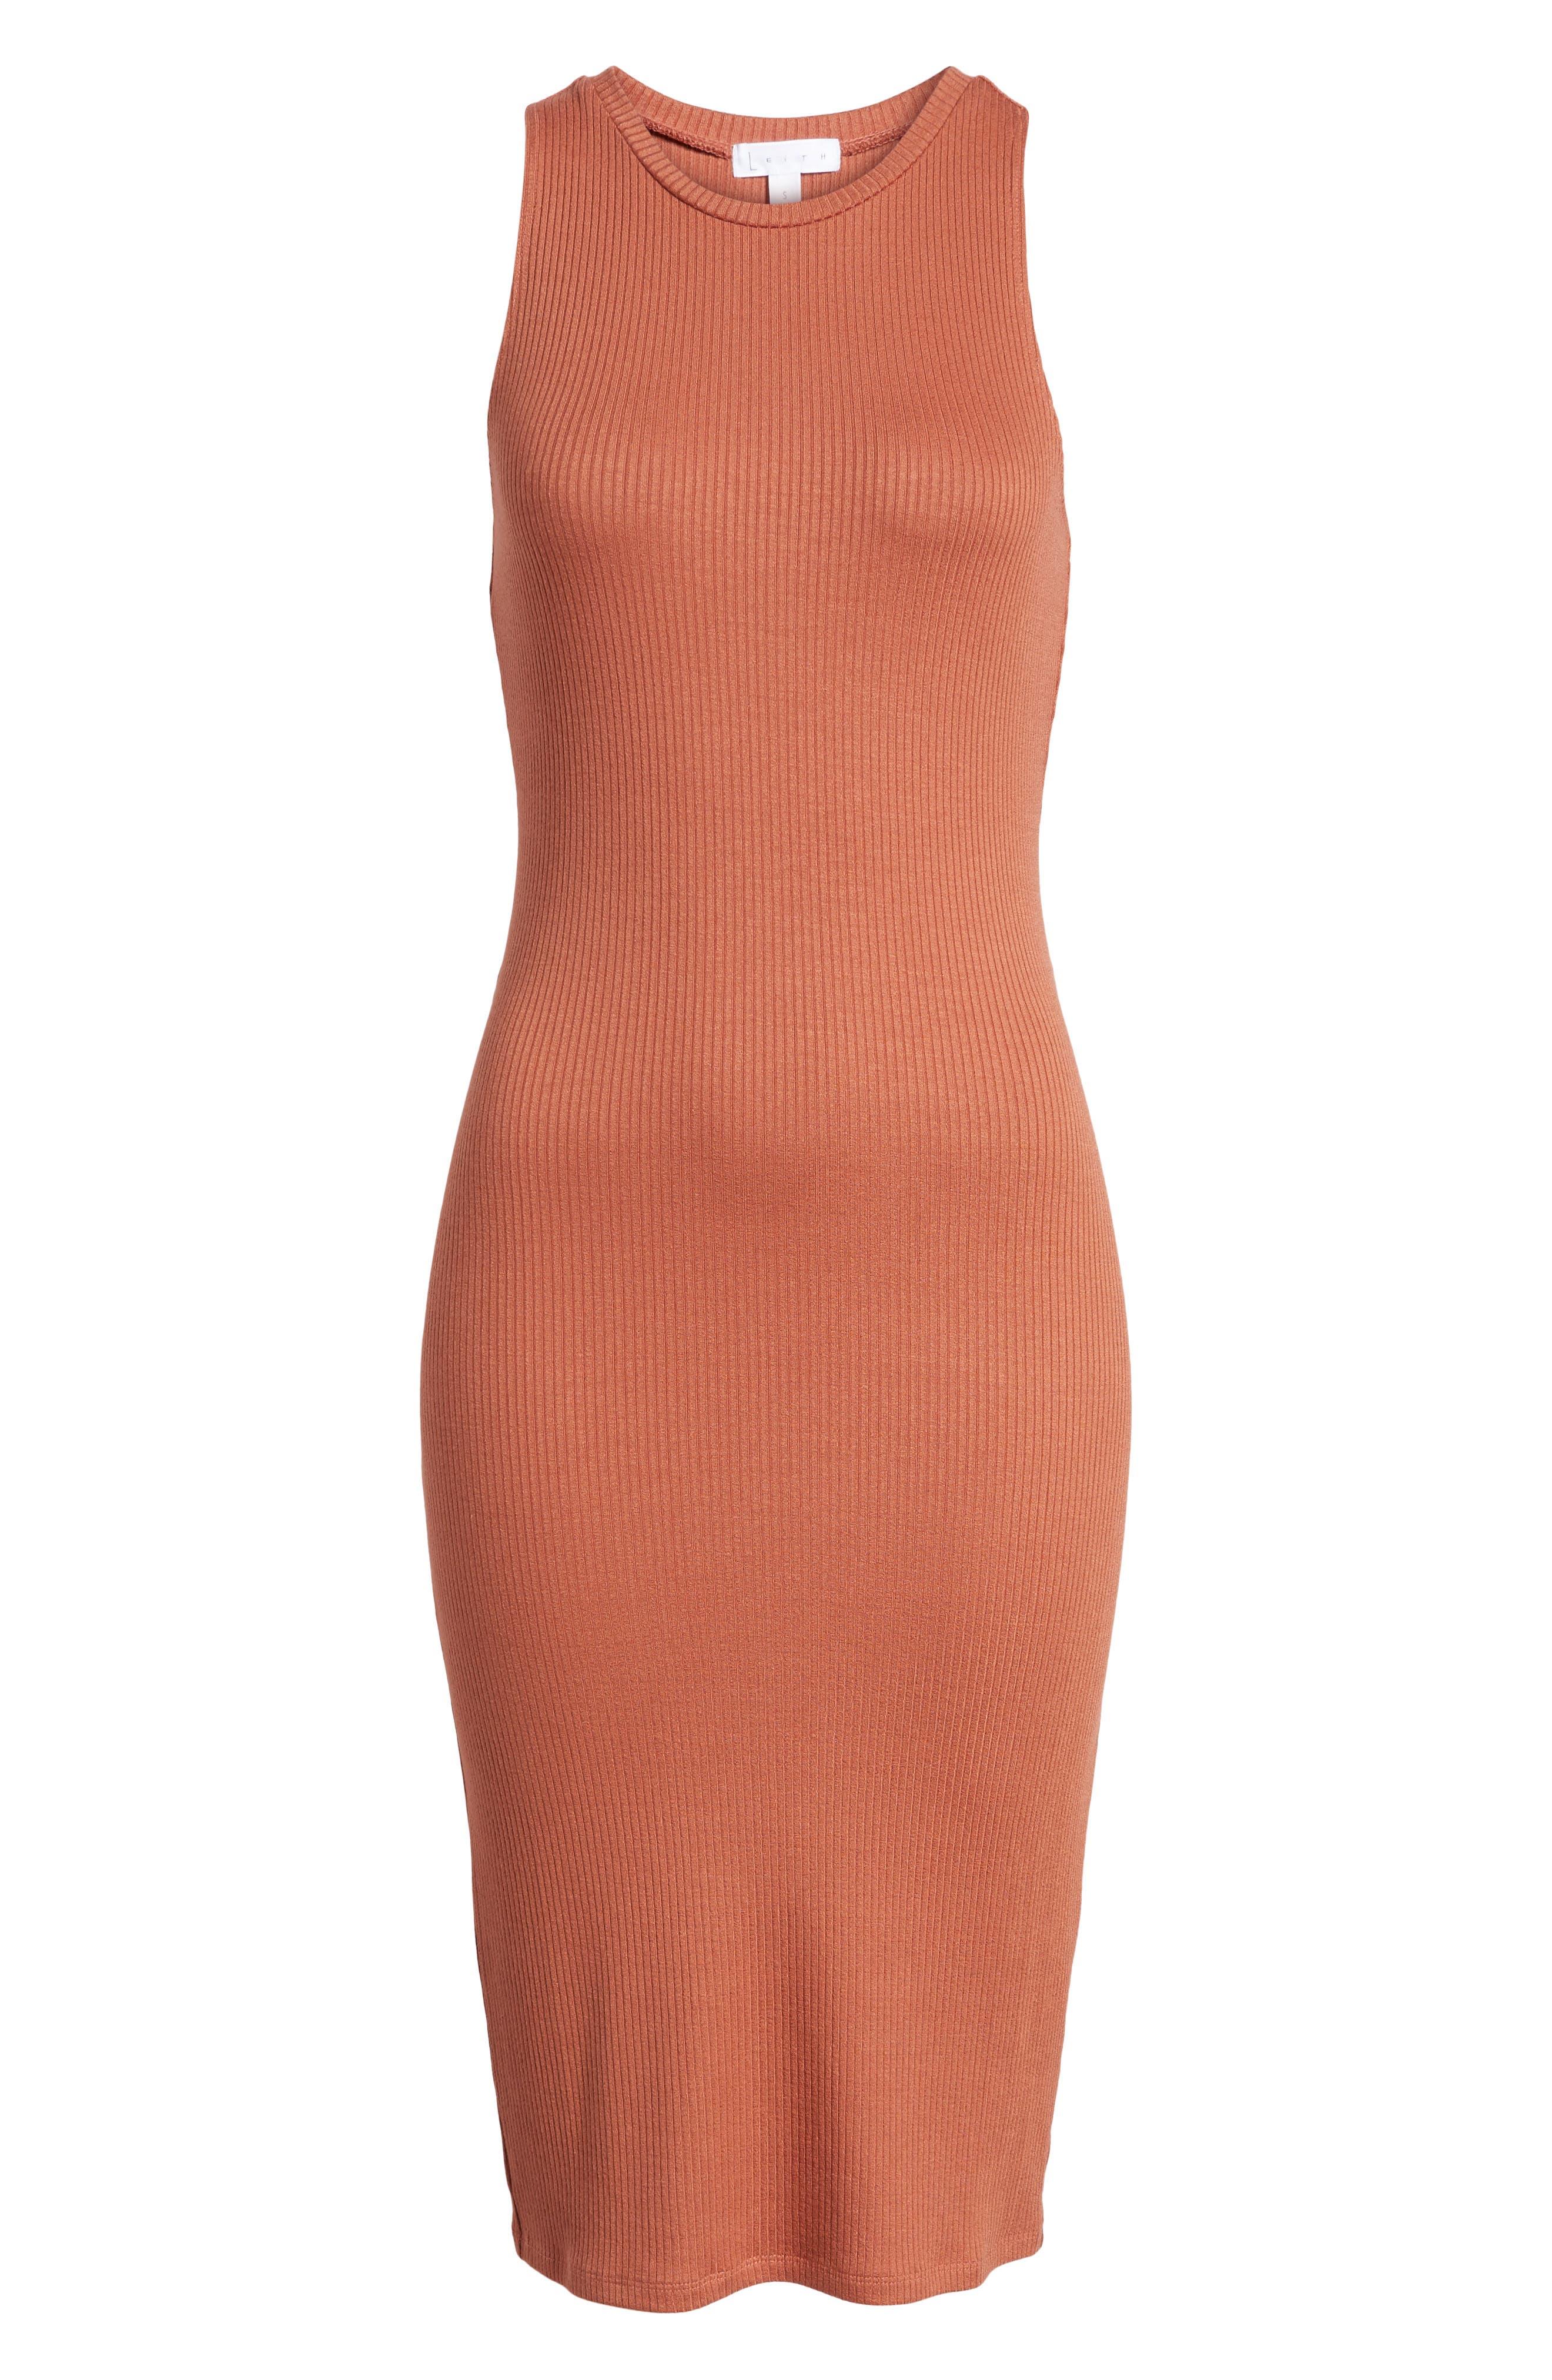 Rib Tank Dress,                             Alternate thumbnail 6, color,                             958